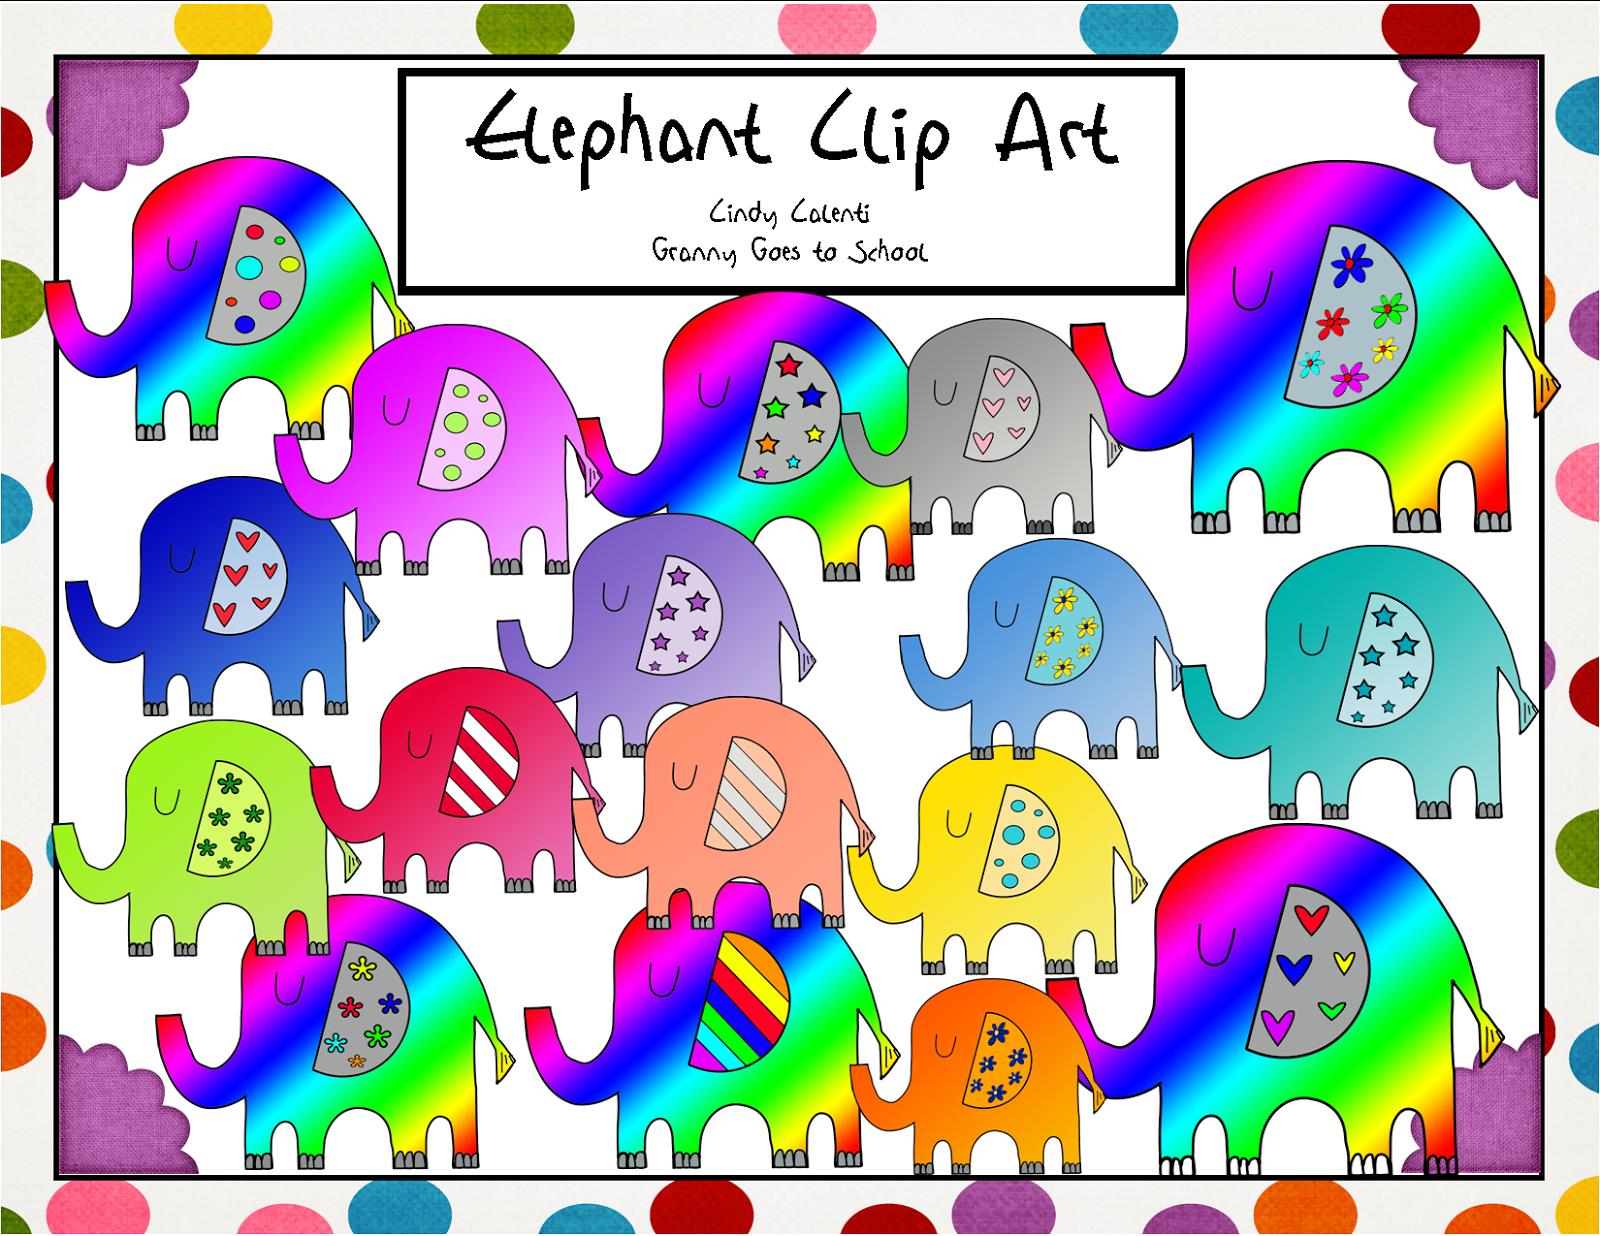 http://www.teacherspayteachers.com/Product/Colorful-Elephant-Clip-Art-24-Images-1414402